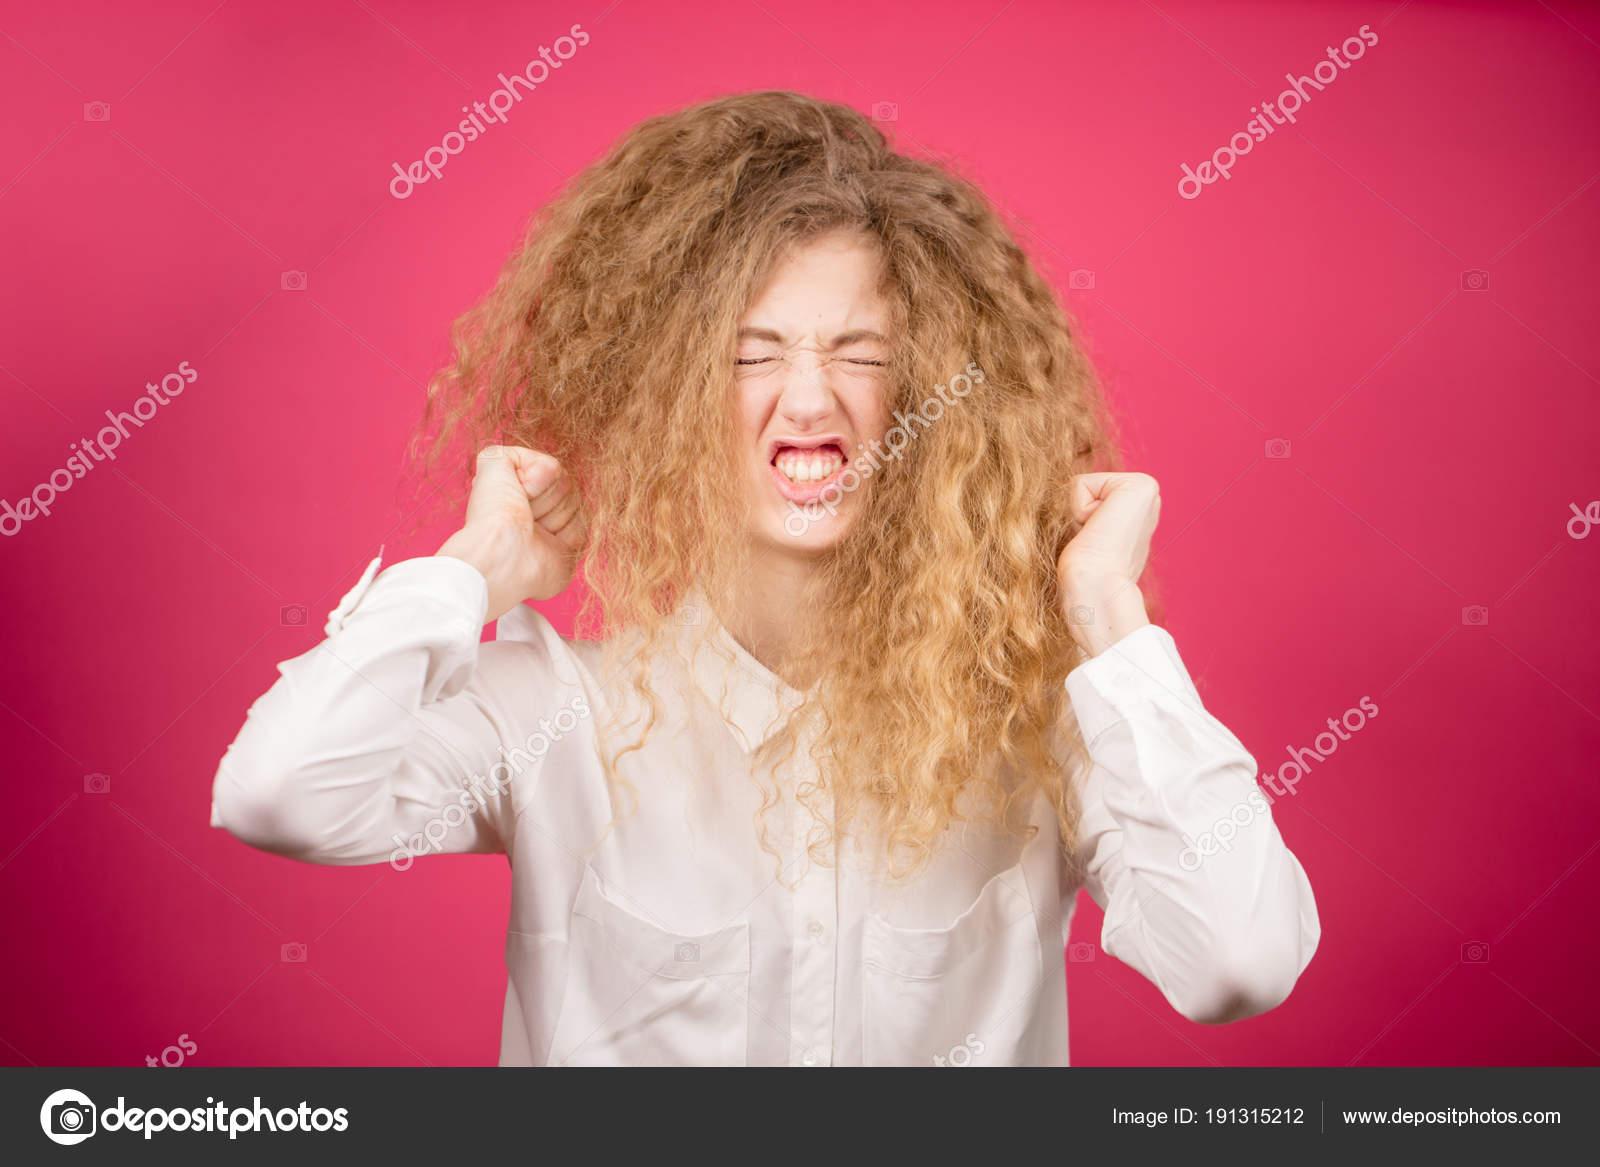 Haare verruckte frisuren